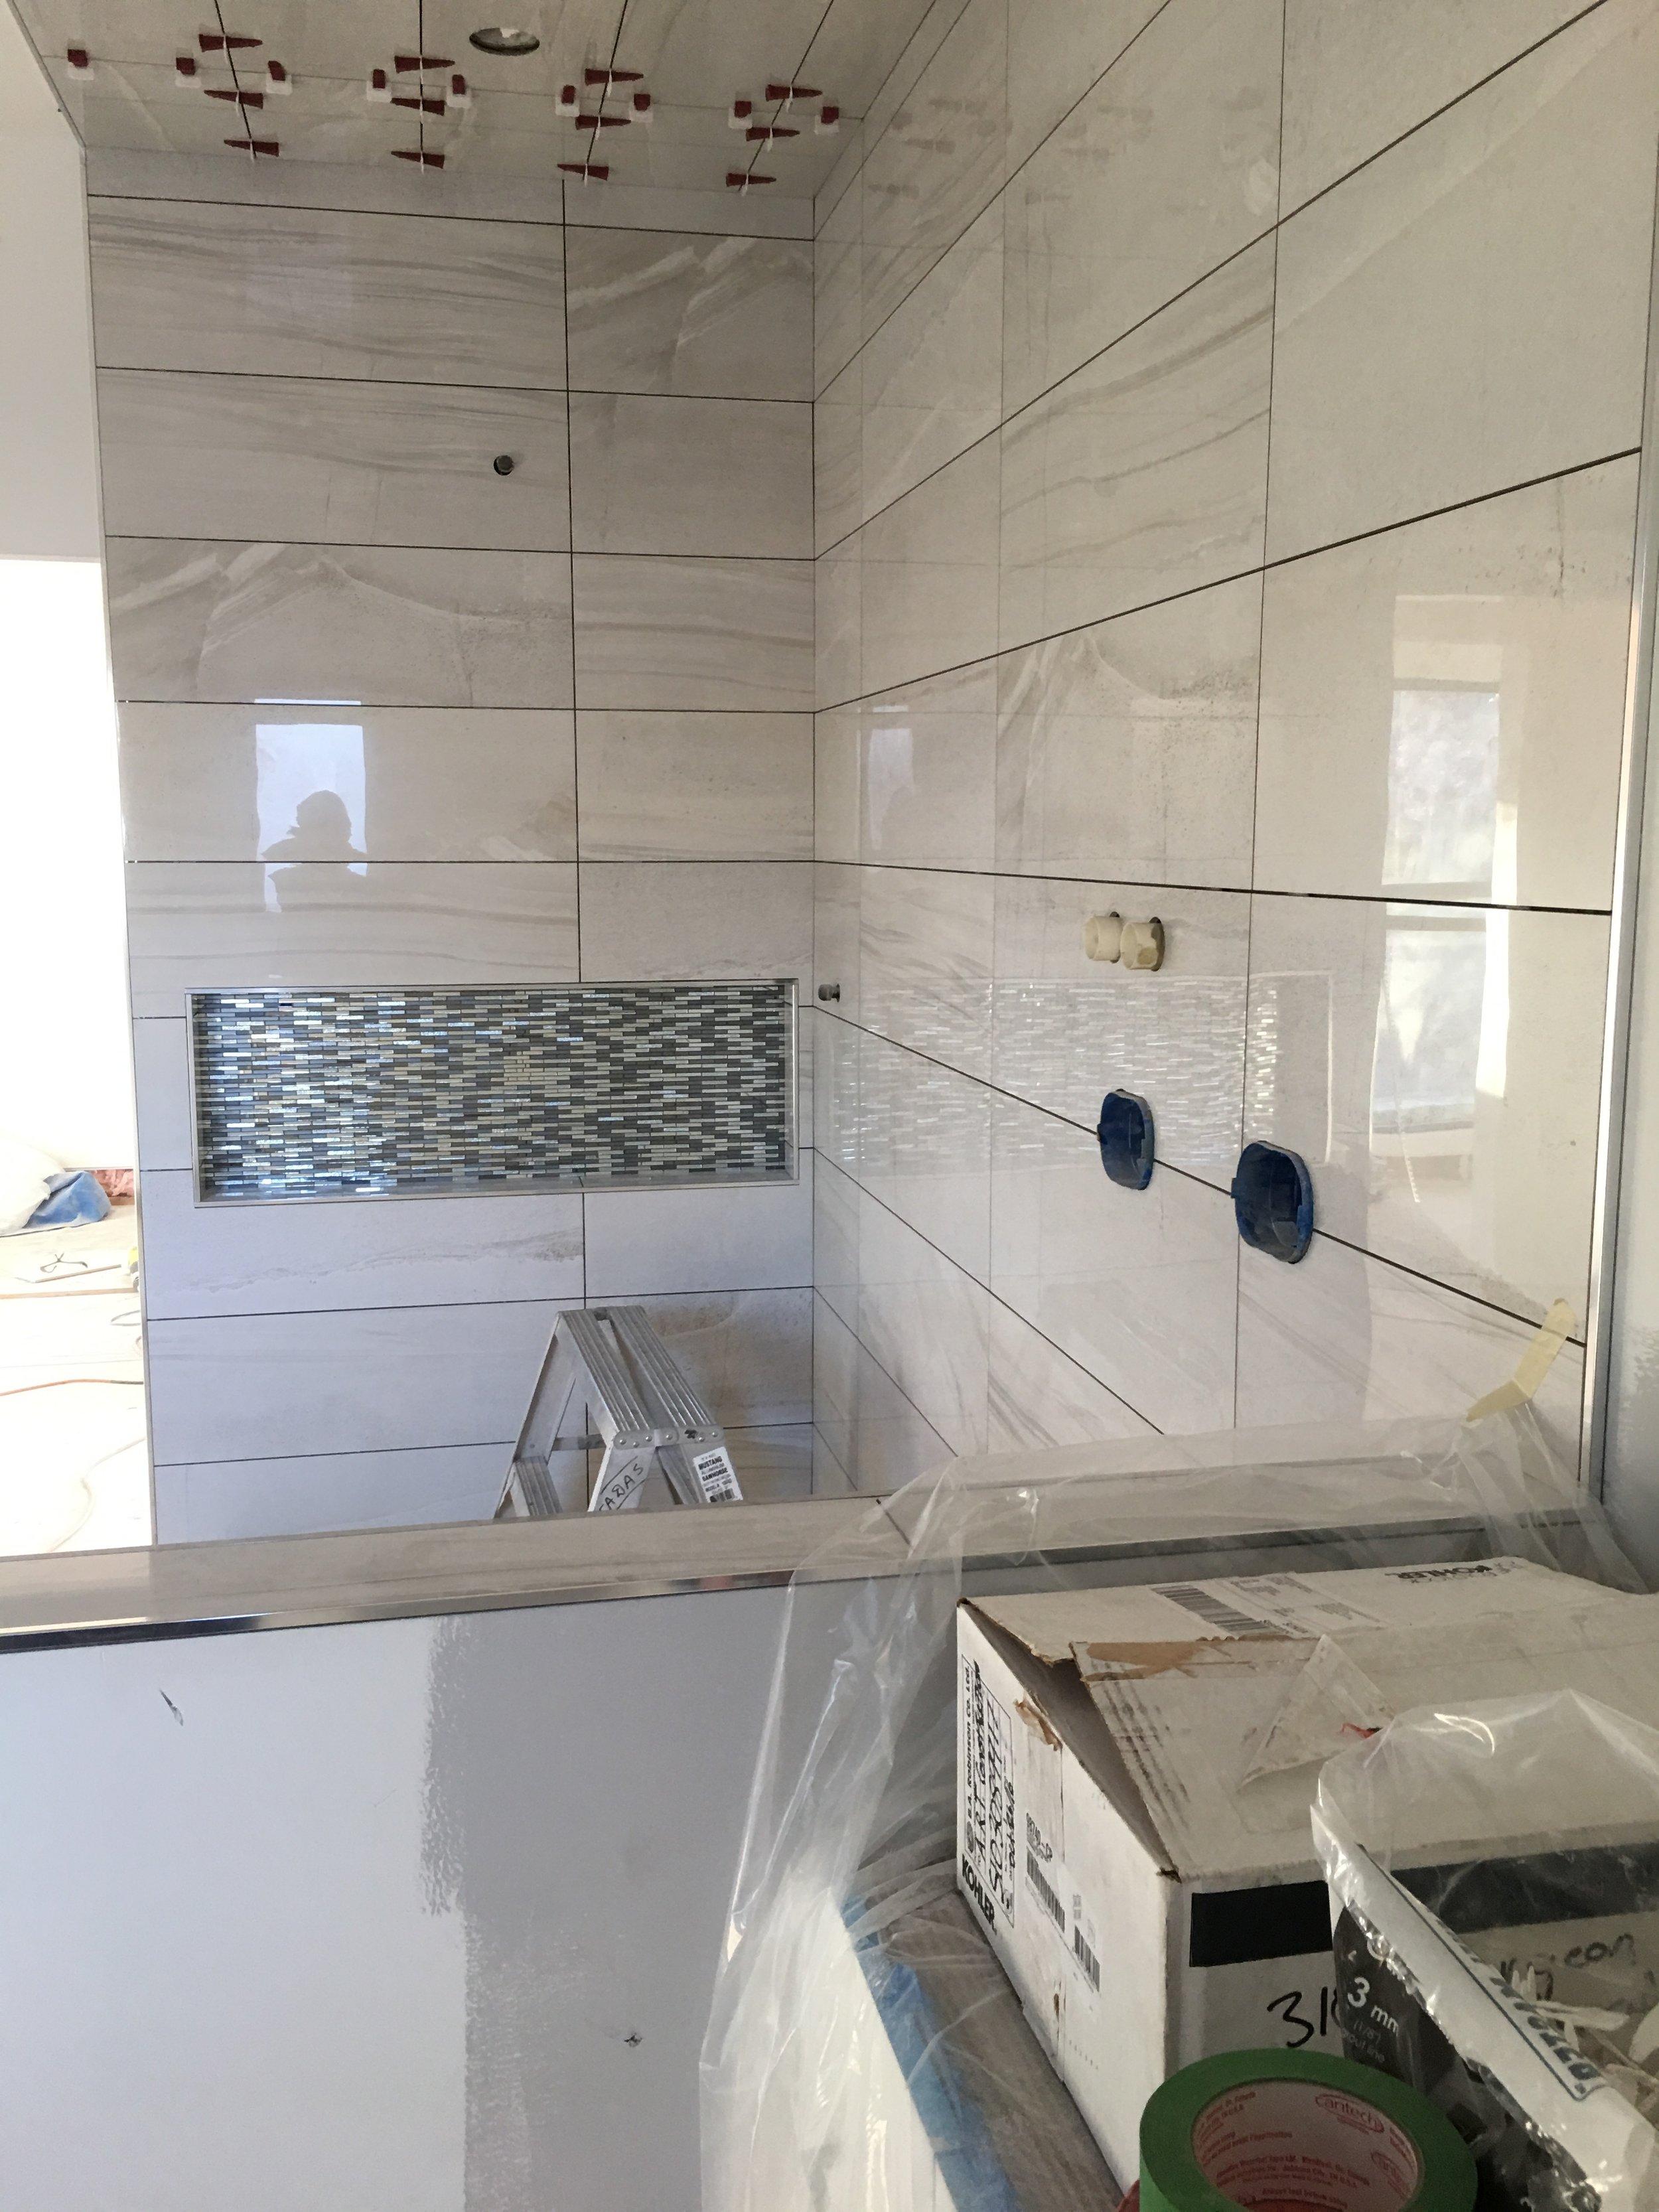 Master ensuite bathroom. 9 foot shower!